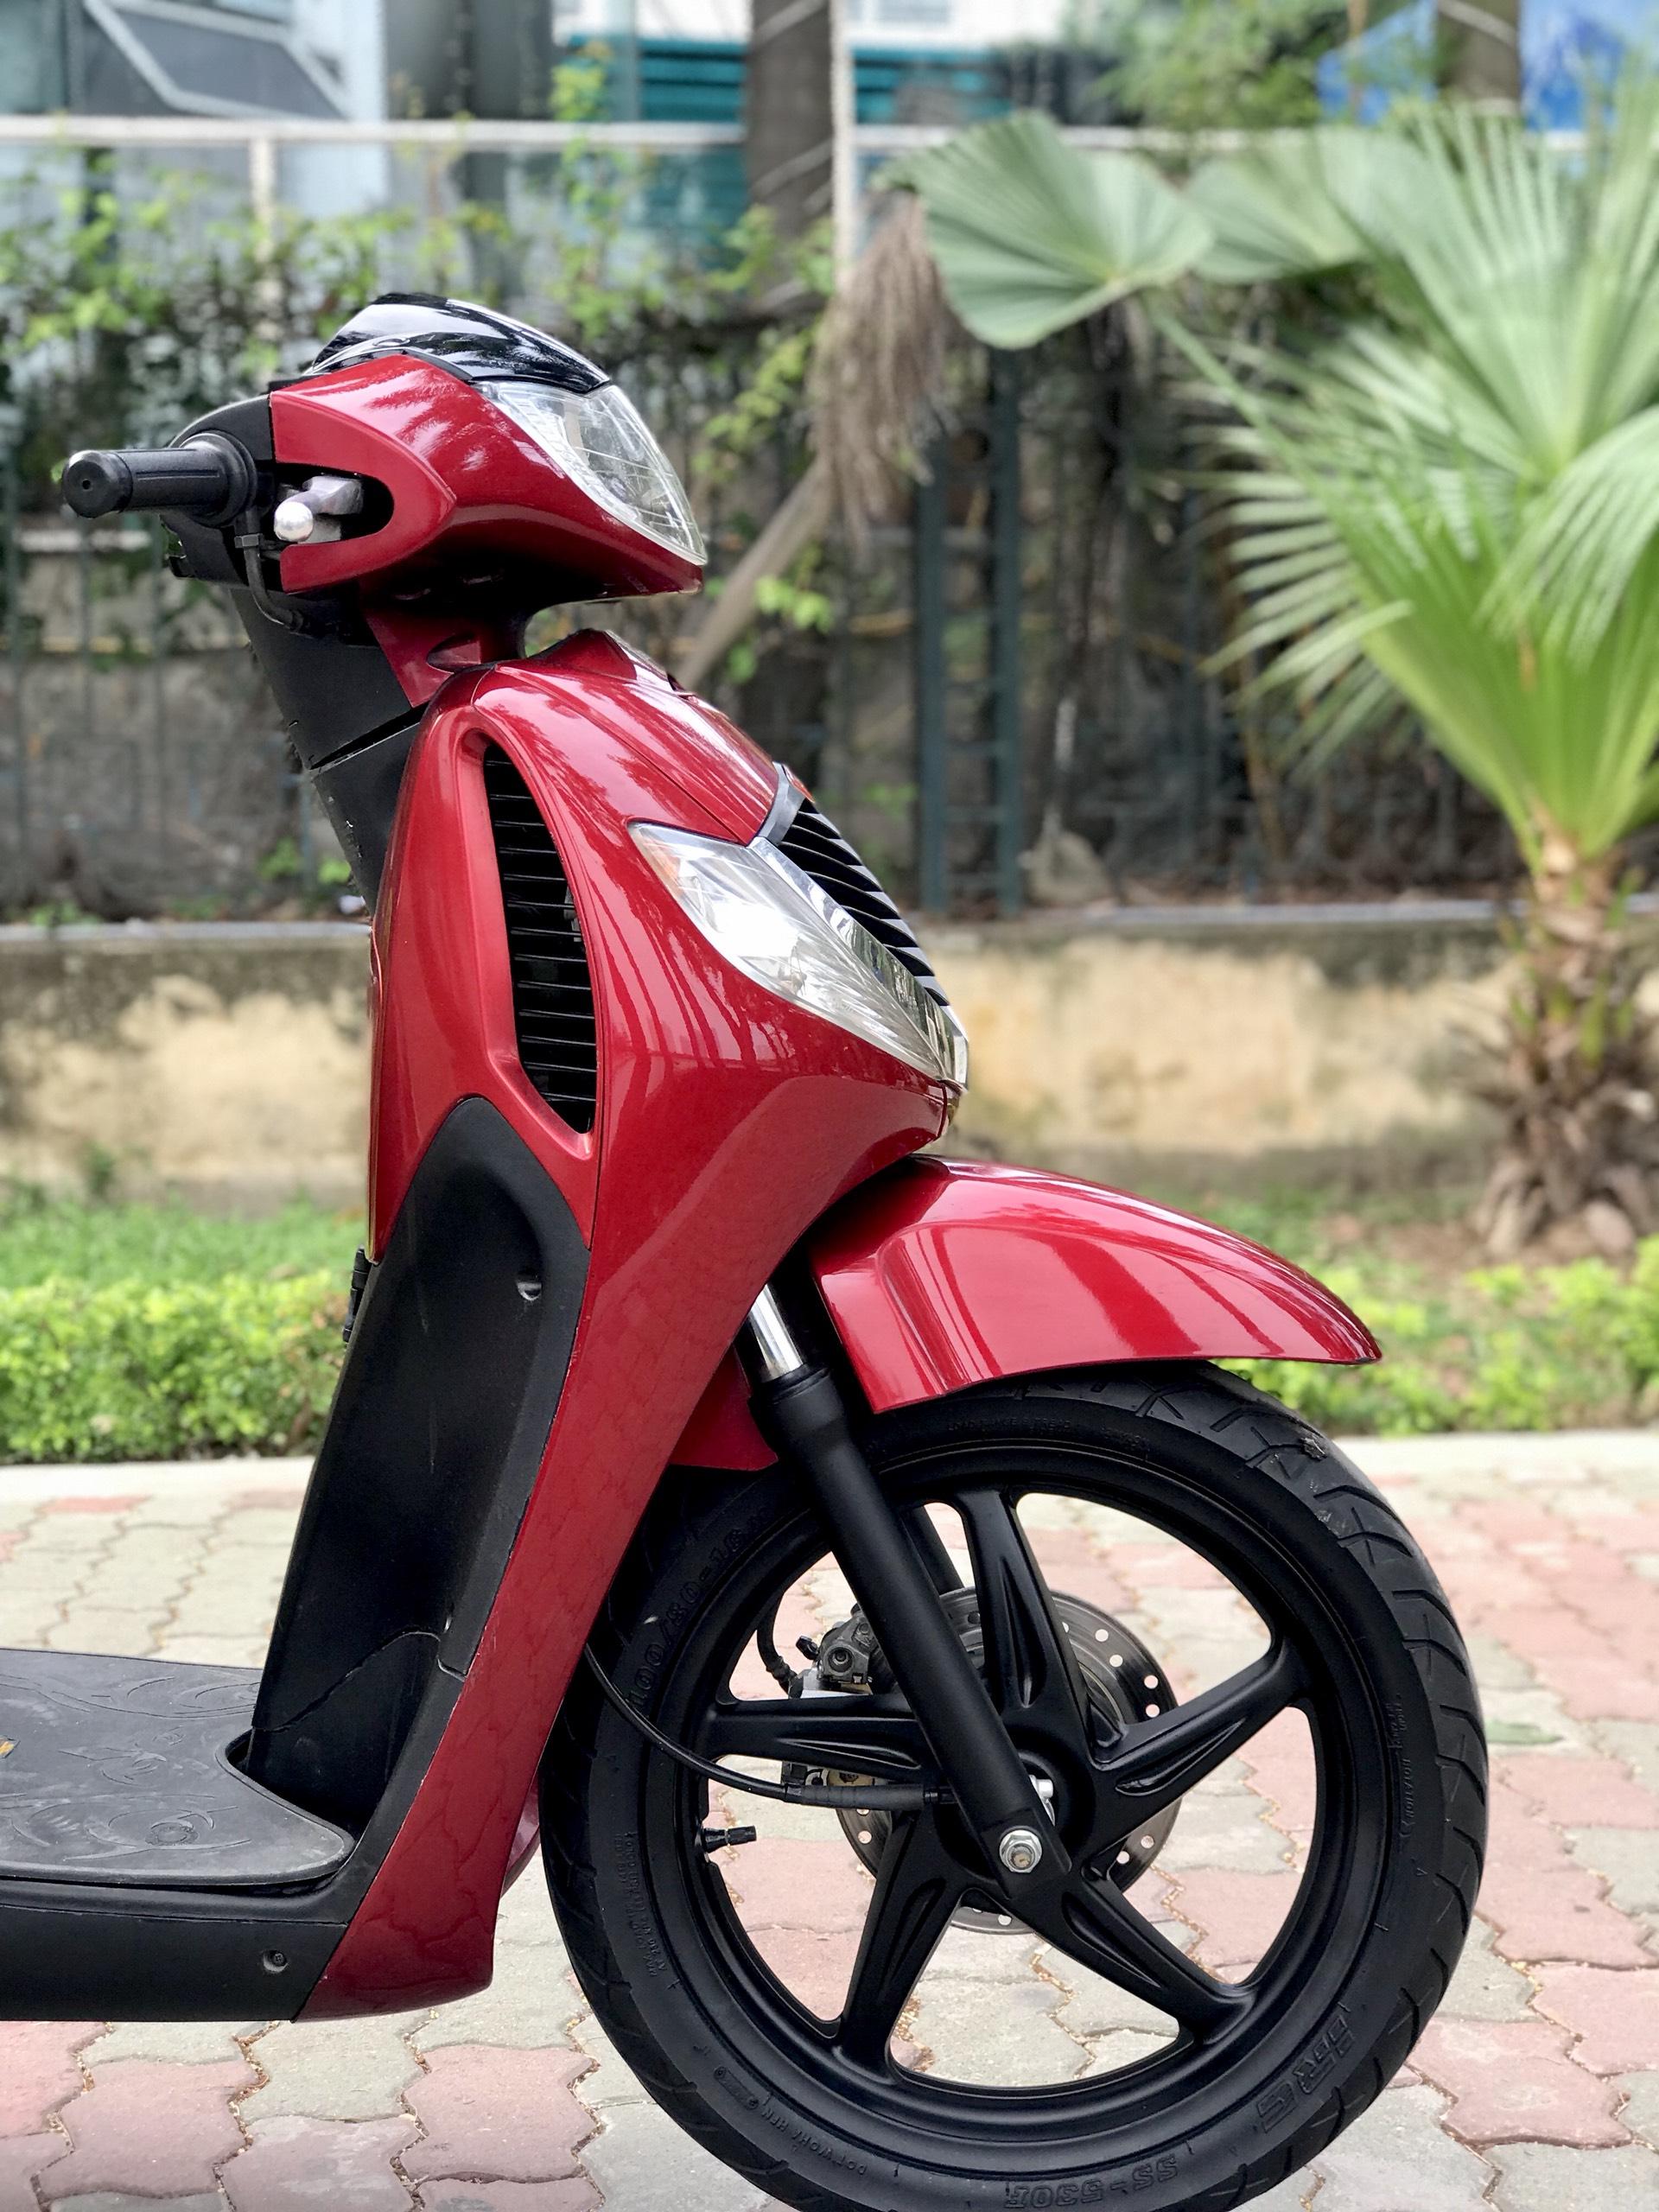 3 SH 150i nhập khẩu màu đỏ đen Sporty chính chủ 29C1 - 28914